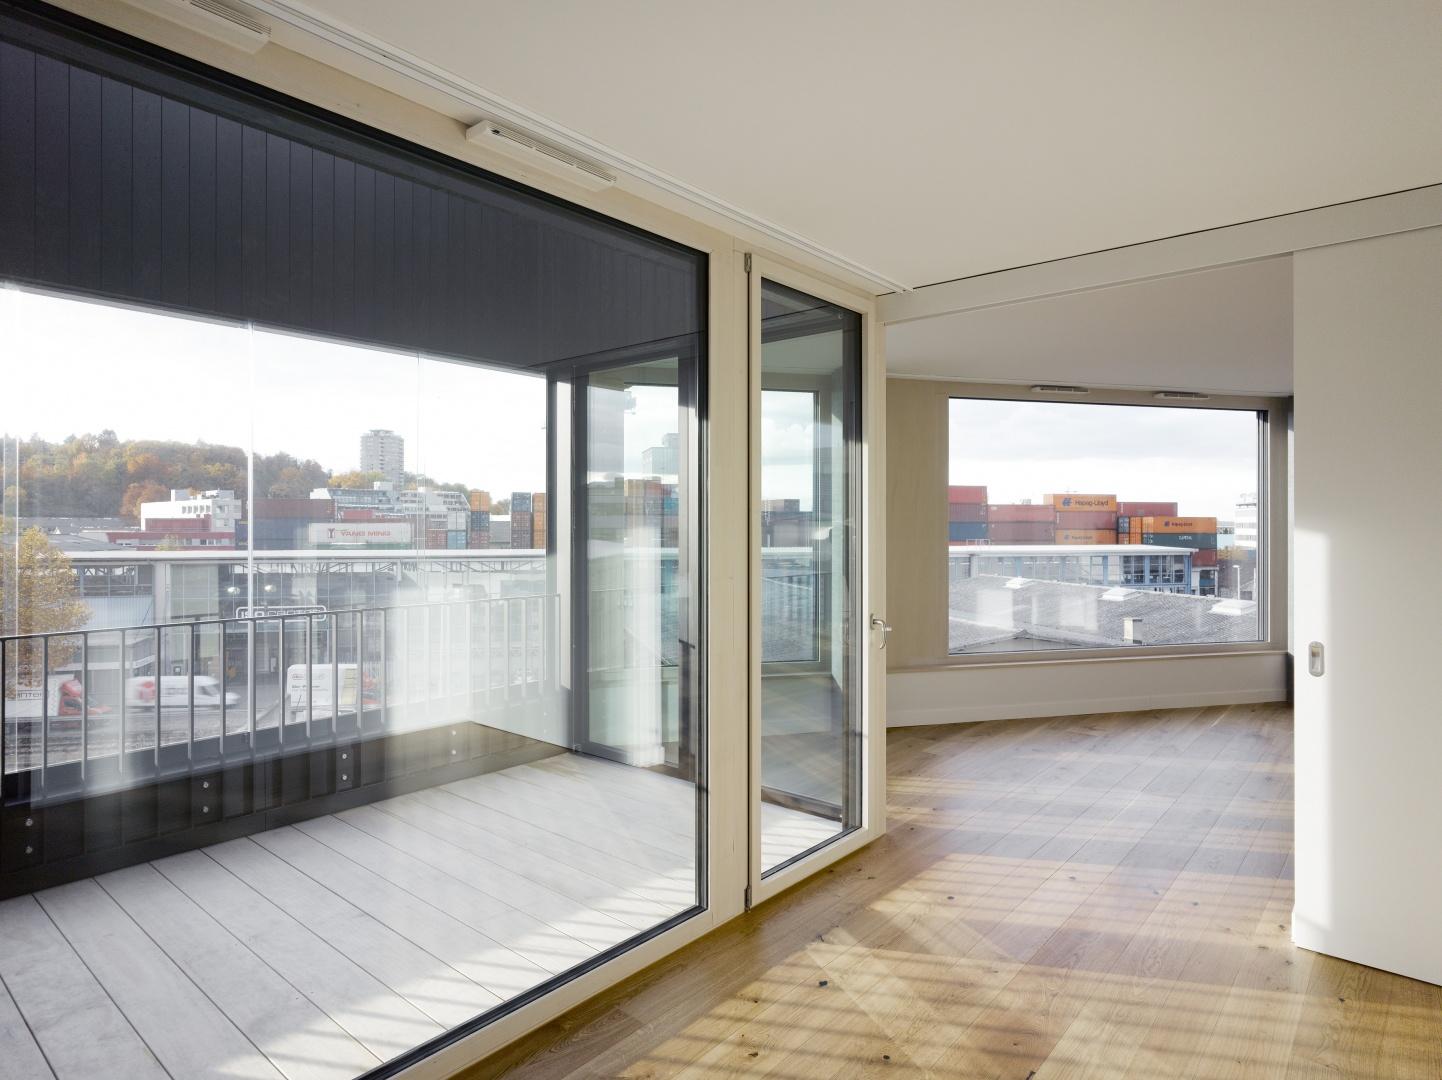 Wohnung mit Aussicht © Johannes Marburg, Genf